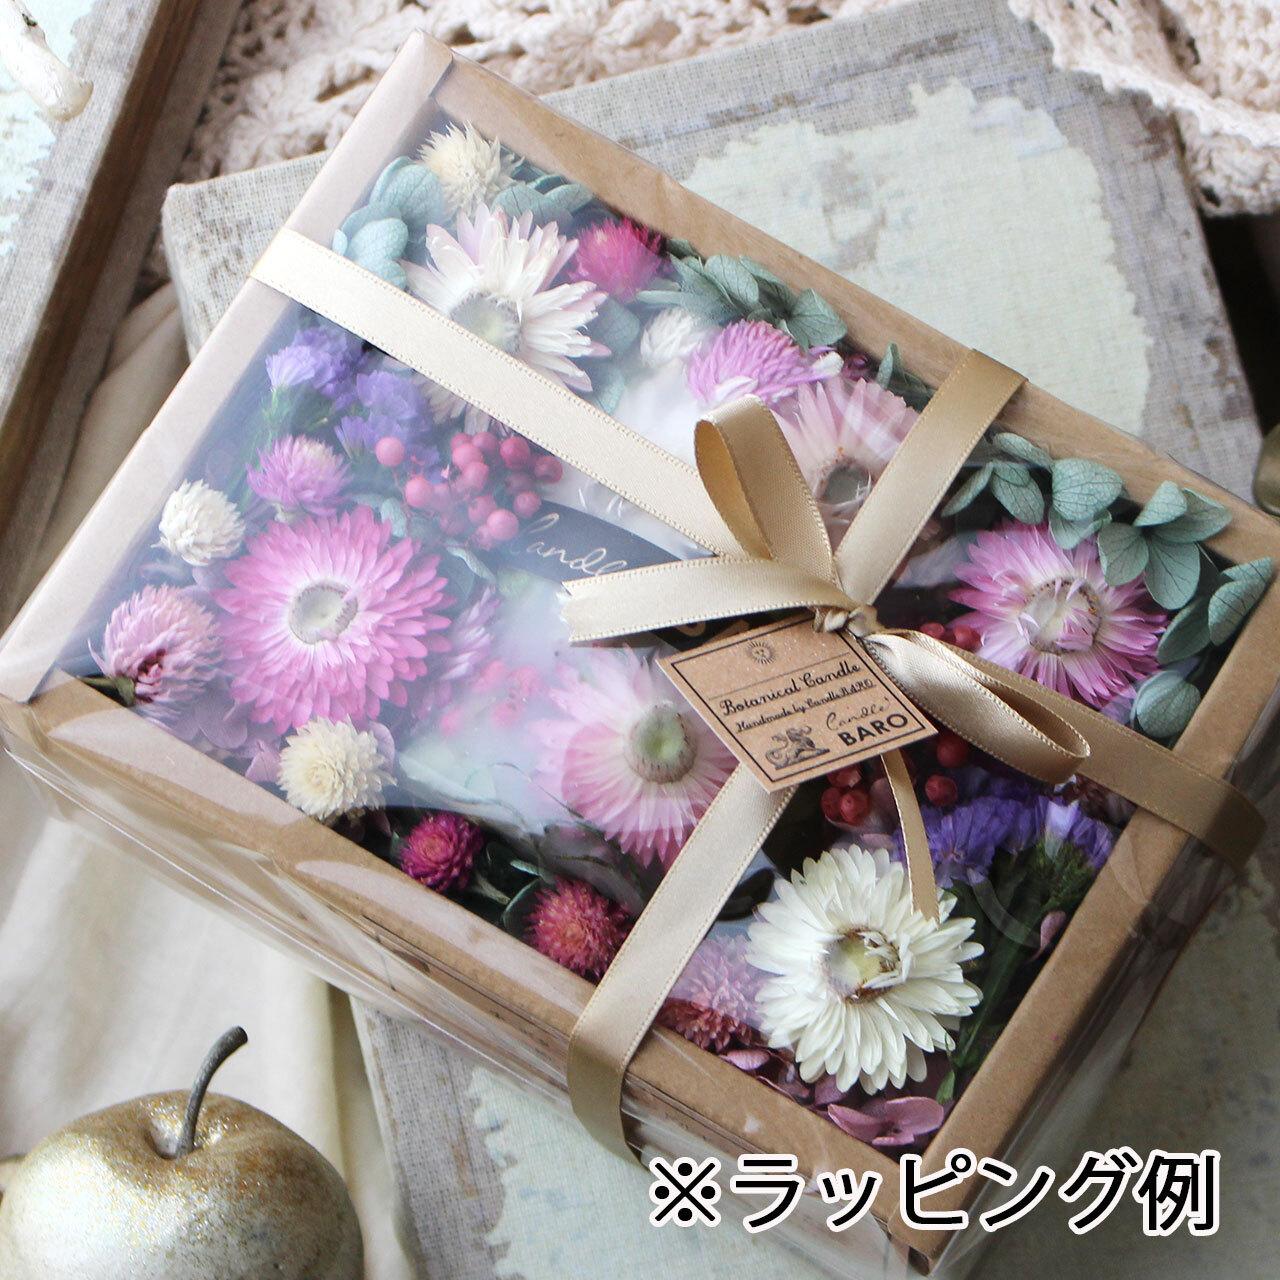 透明ラッピング&紙袋付き☆ボタニカルキャンドルギフト ローダンセマム